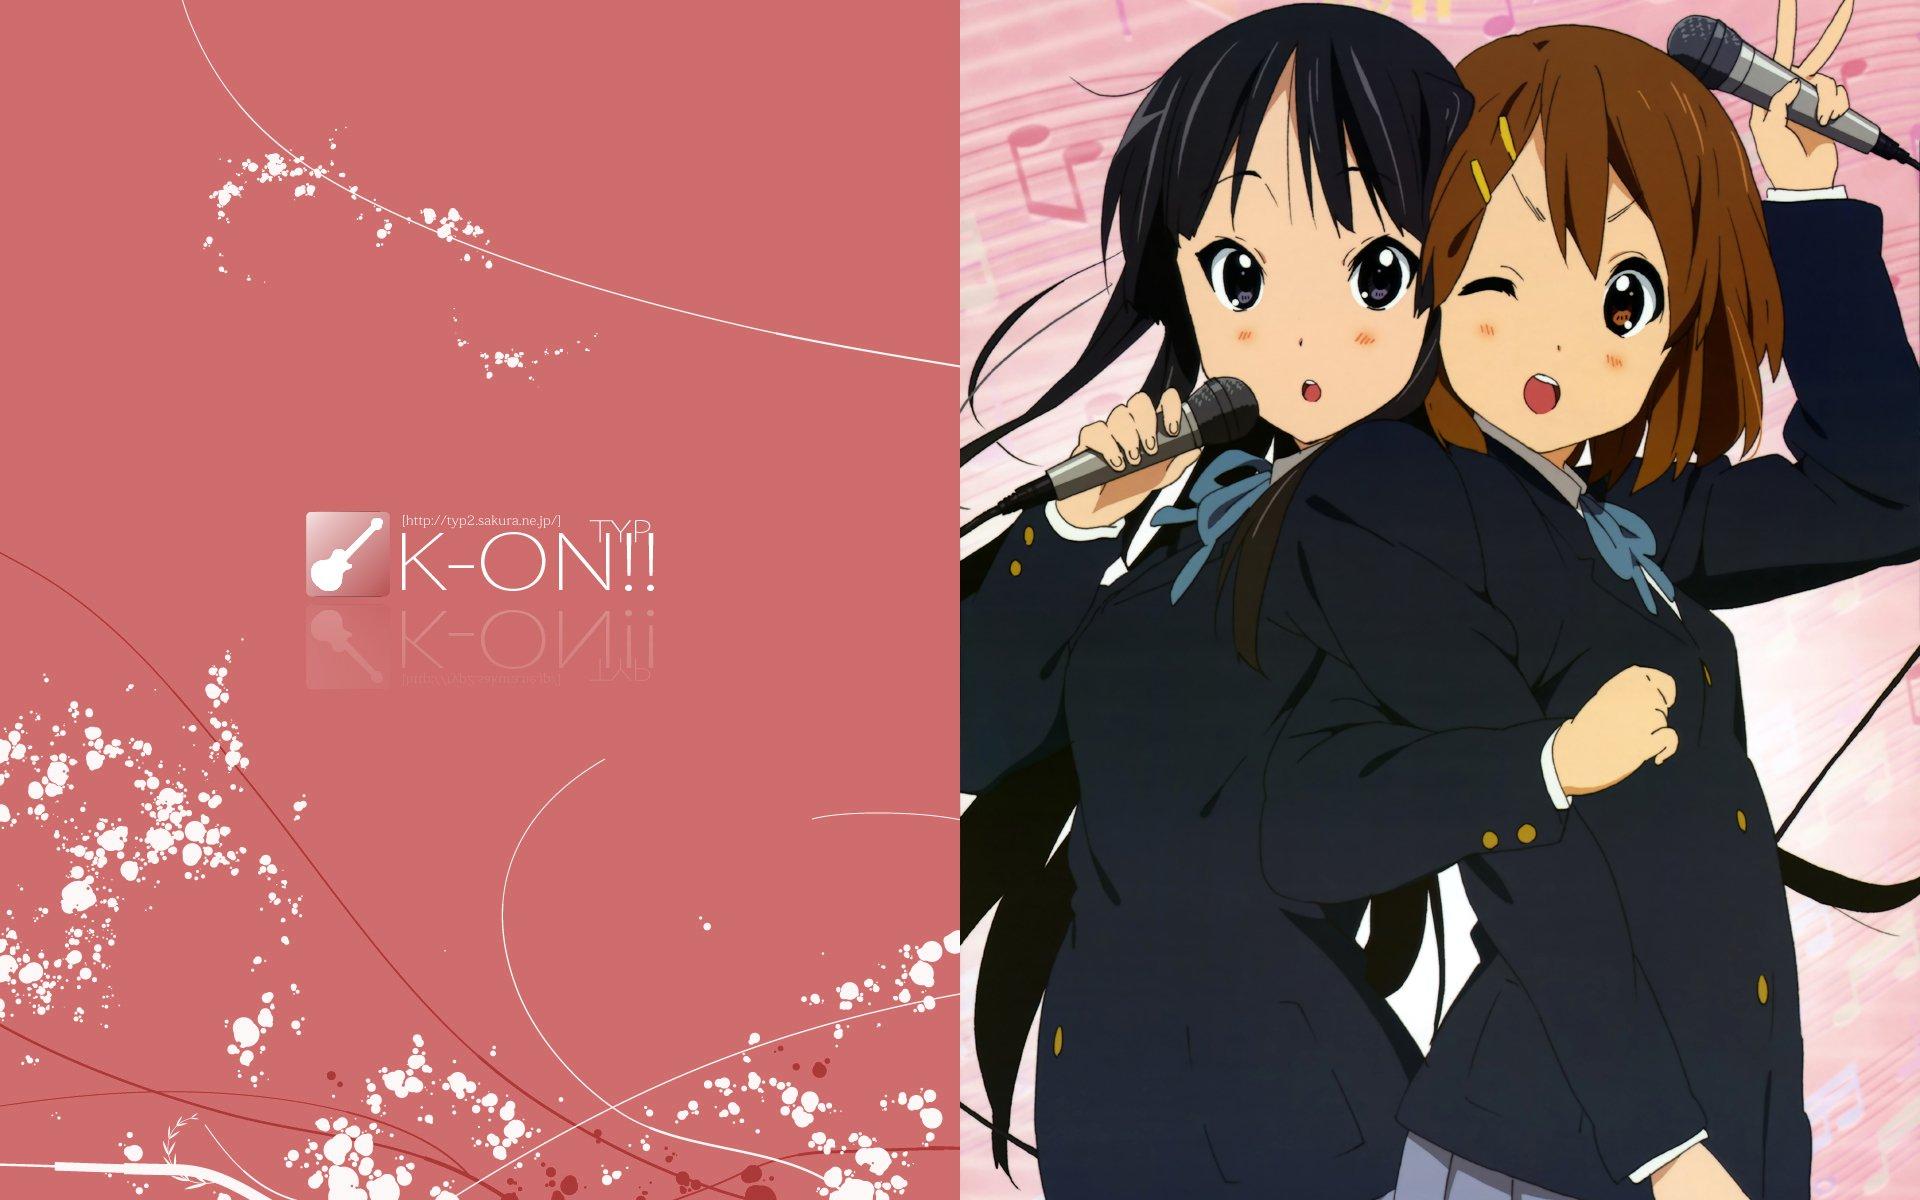 Anime - K-ON!  Wallpaper